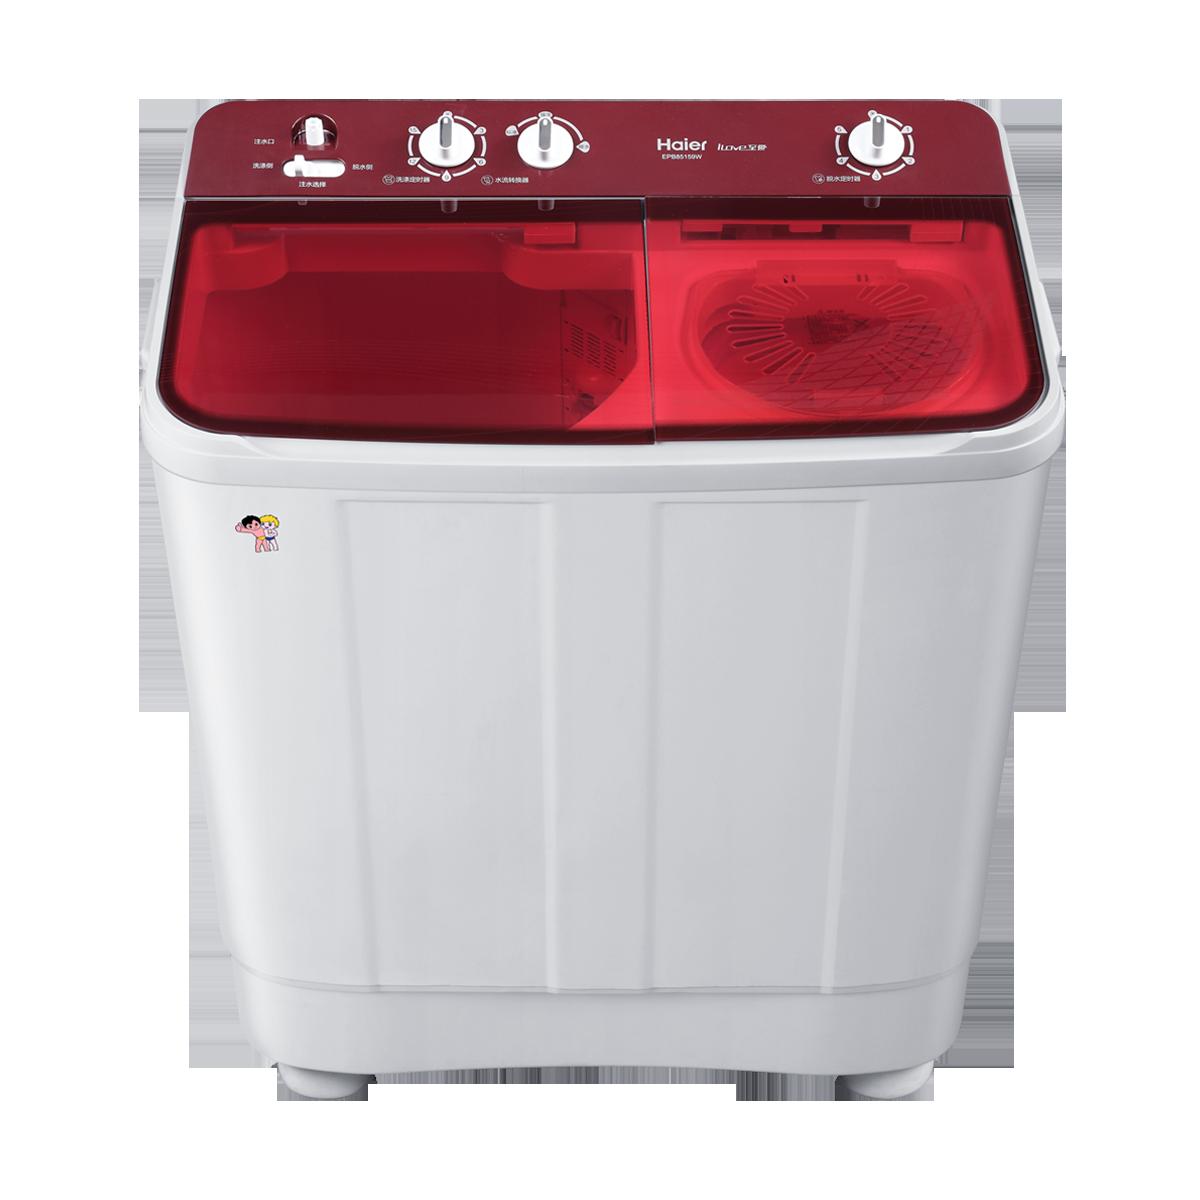 海尔双桶洗衣机拆解图